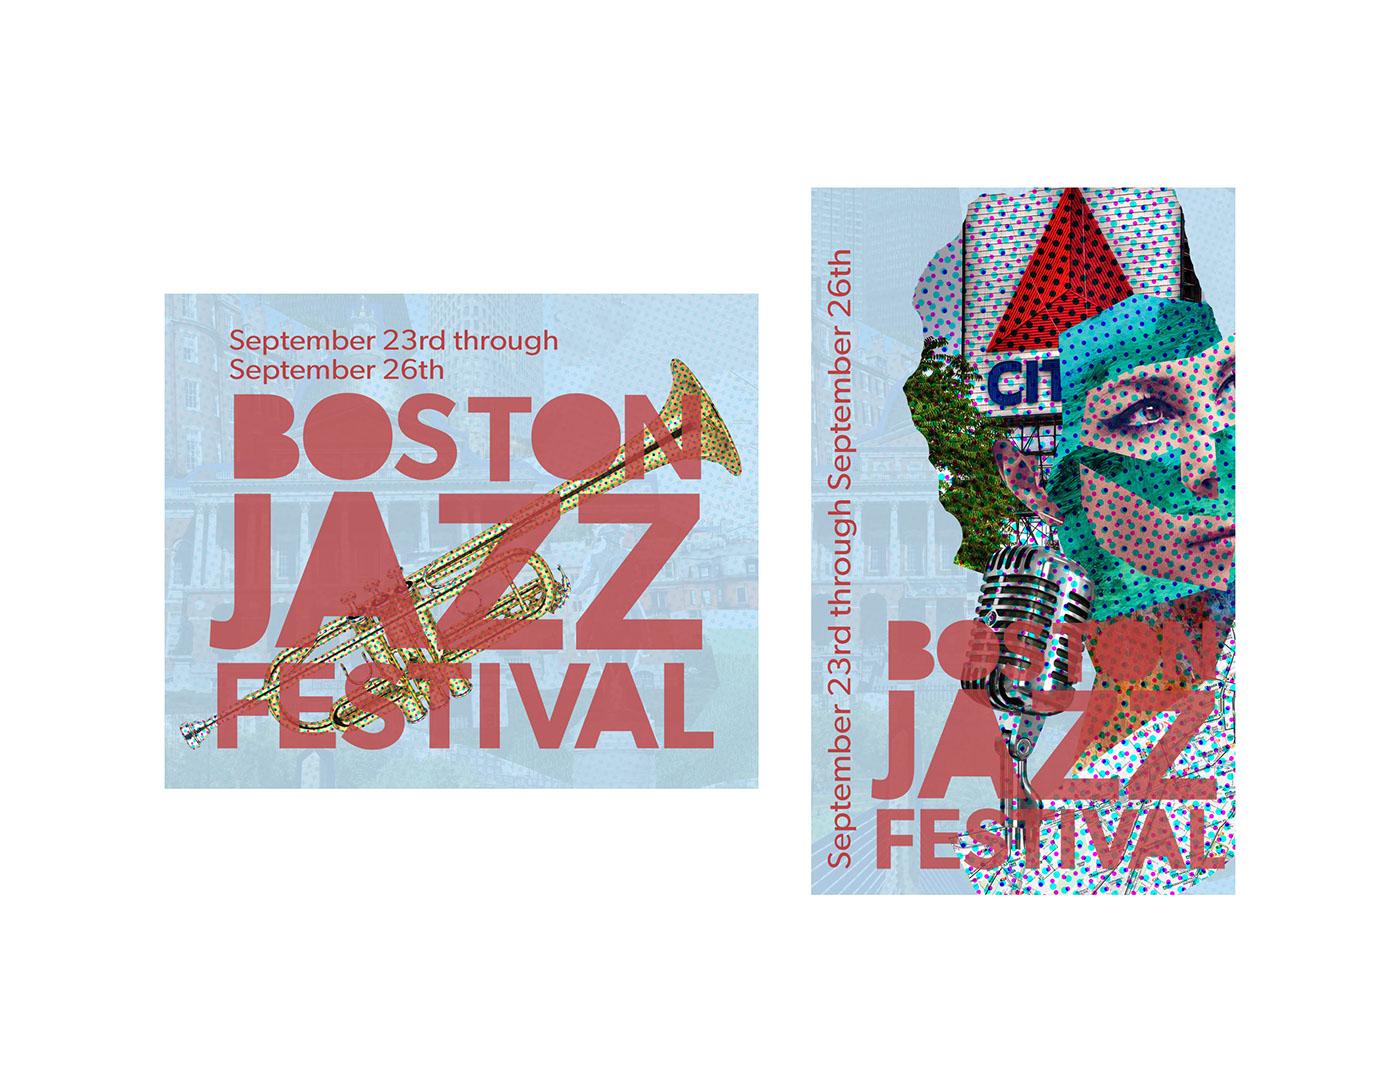 boston Boston Jazz Festival jazz Romare Bearden collage Massachusetts marketing   music